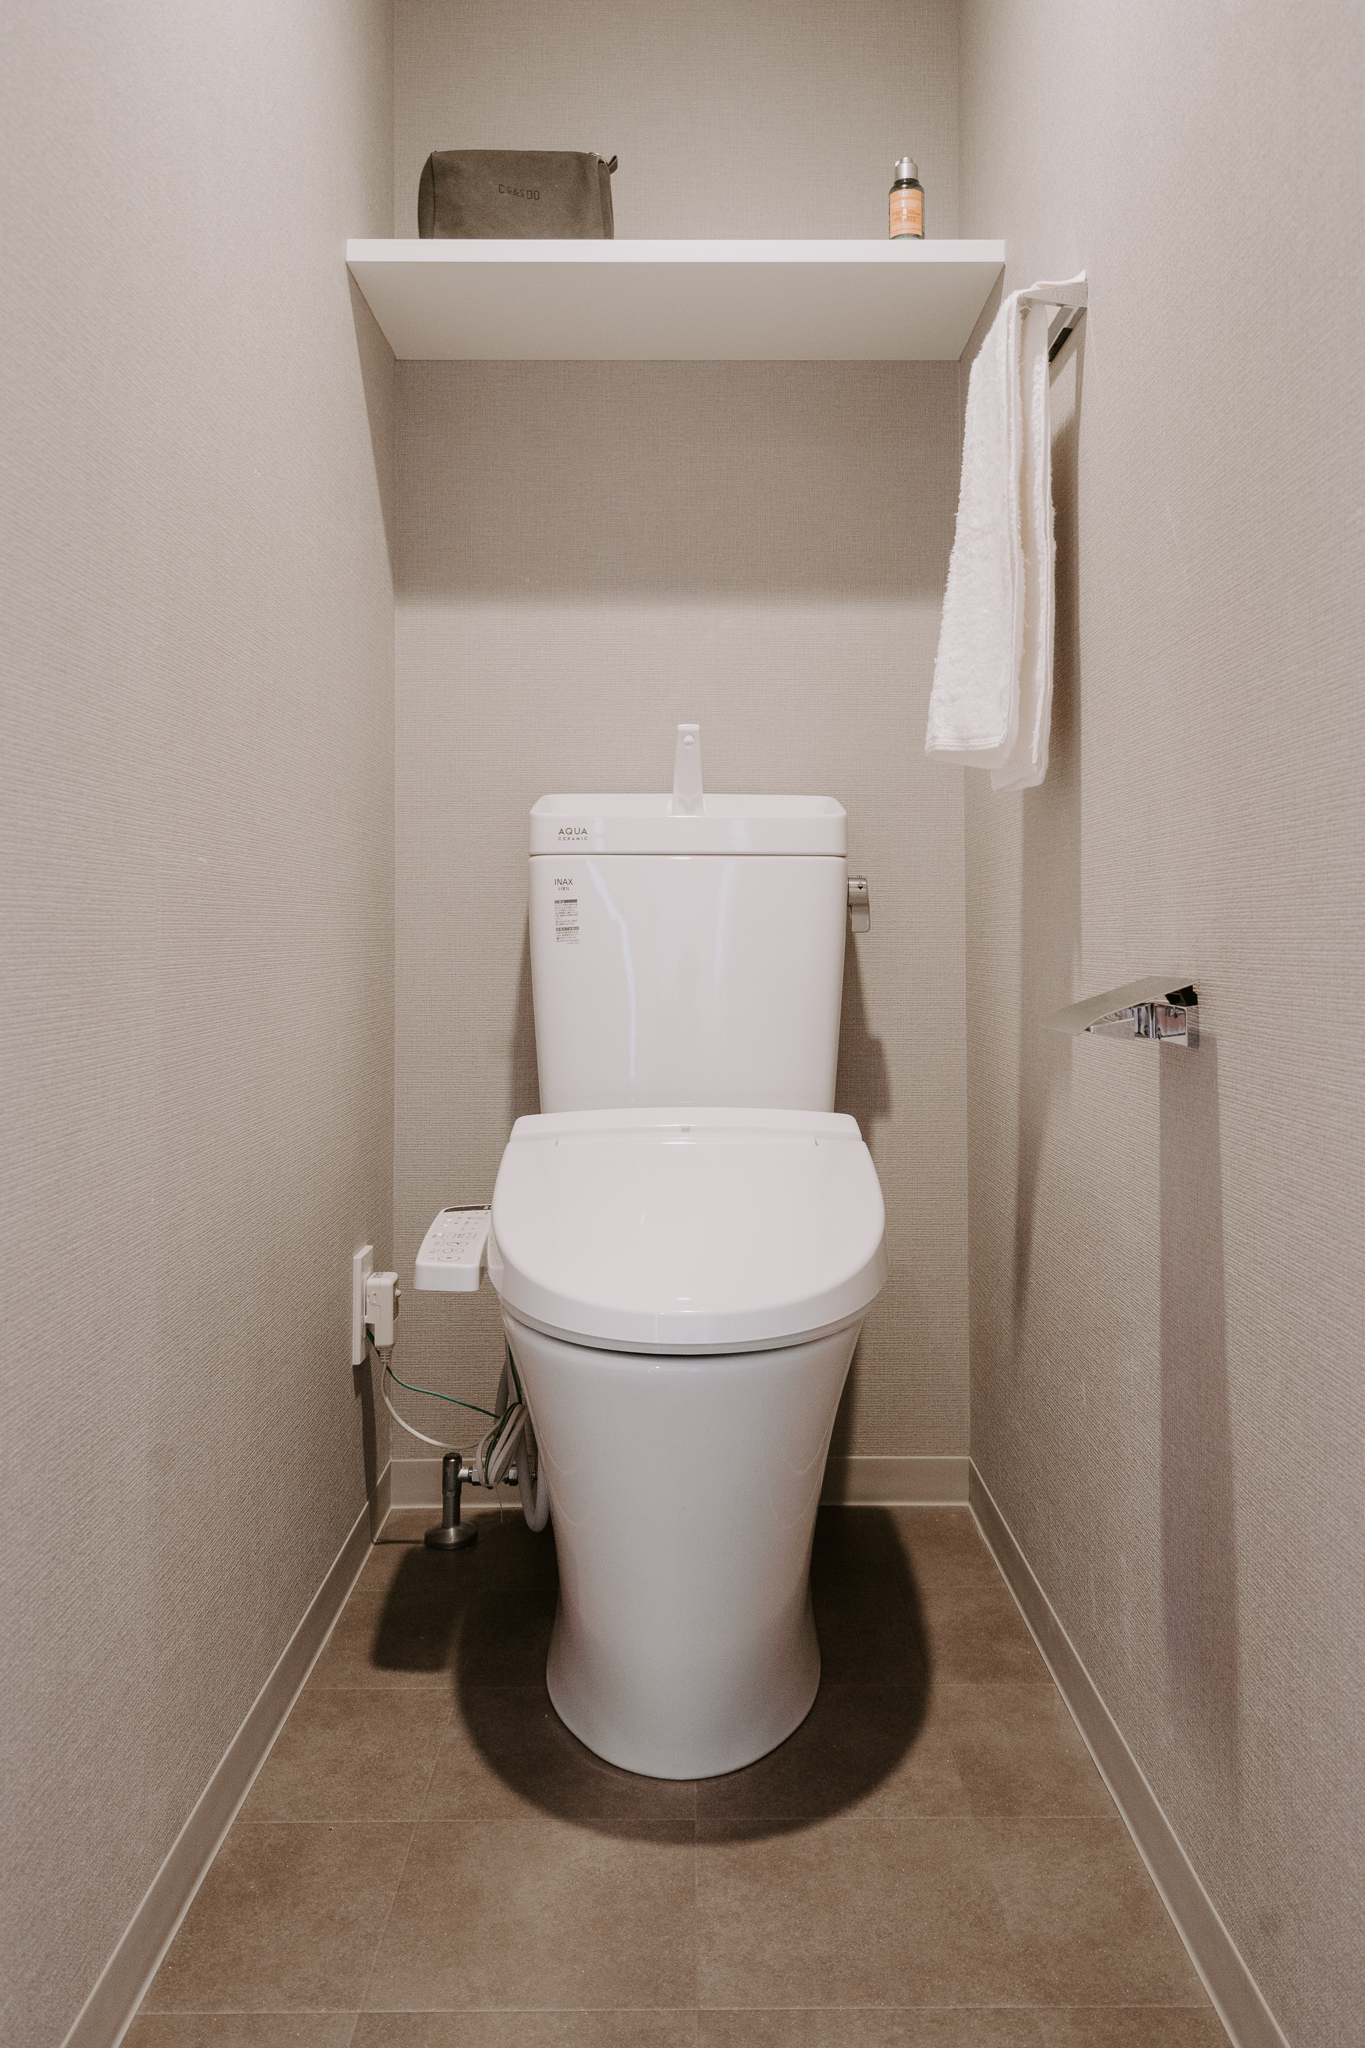 トイレもシックなグレーのクロスやタイルが敷かれていて、まるでホテルのような高級感。